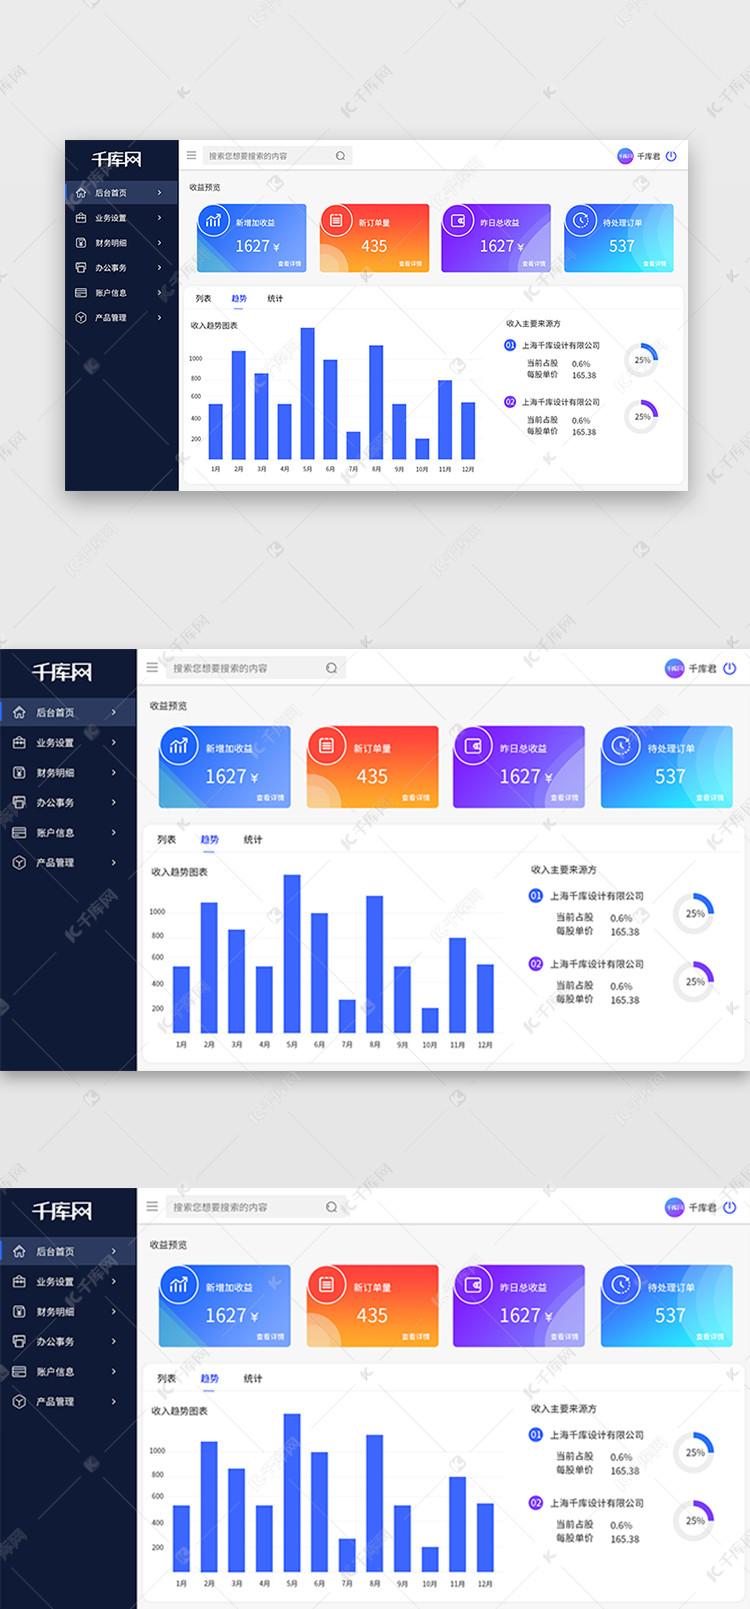 商务家装蓝色页面大气可视化后台ui设计素材什么是数据设计院图片